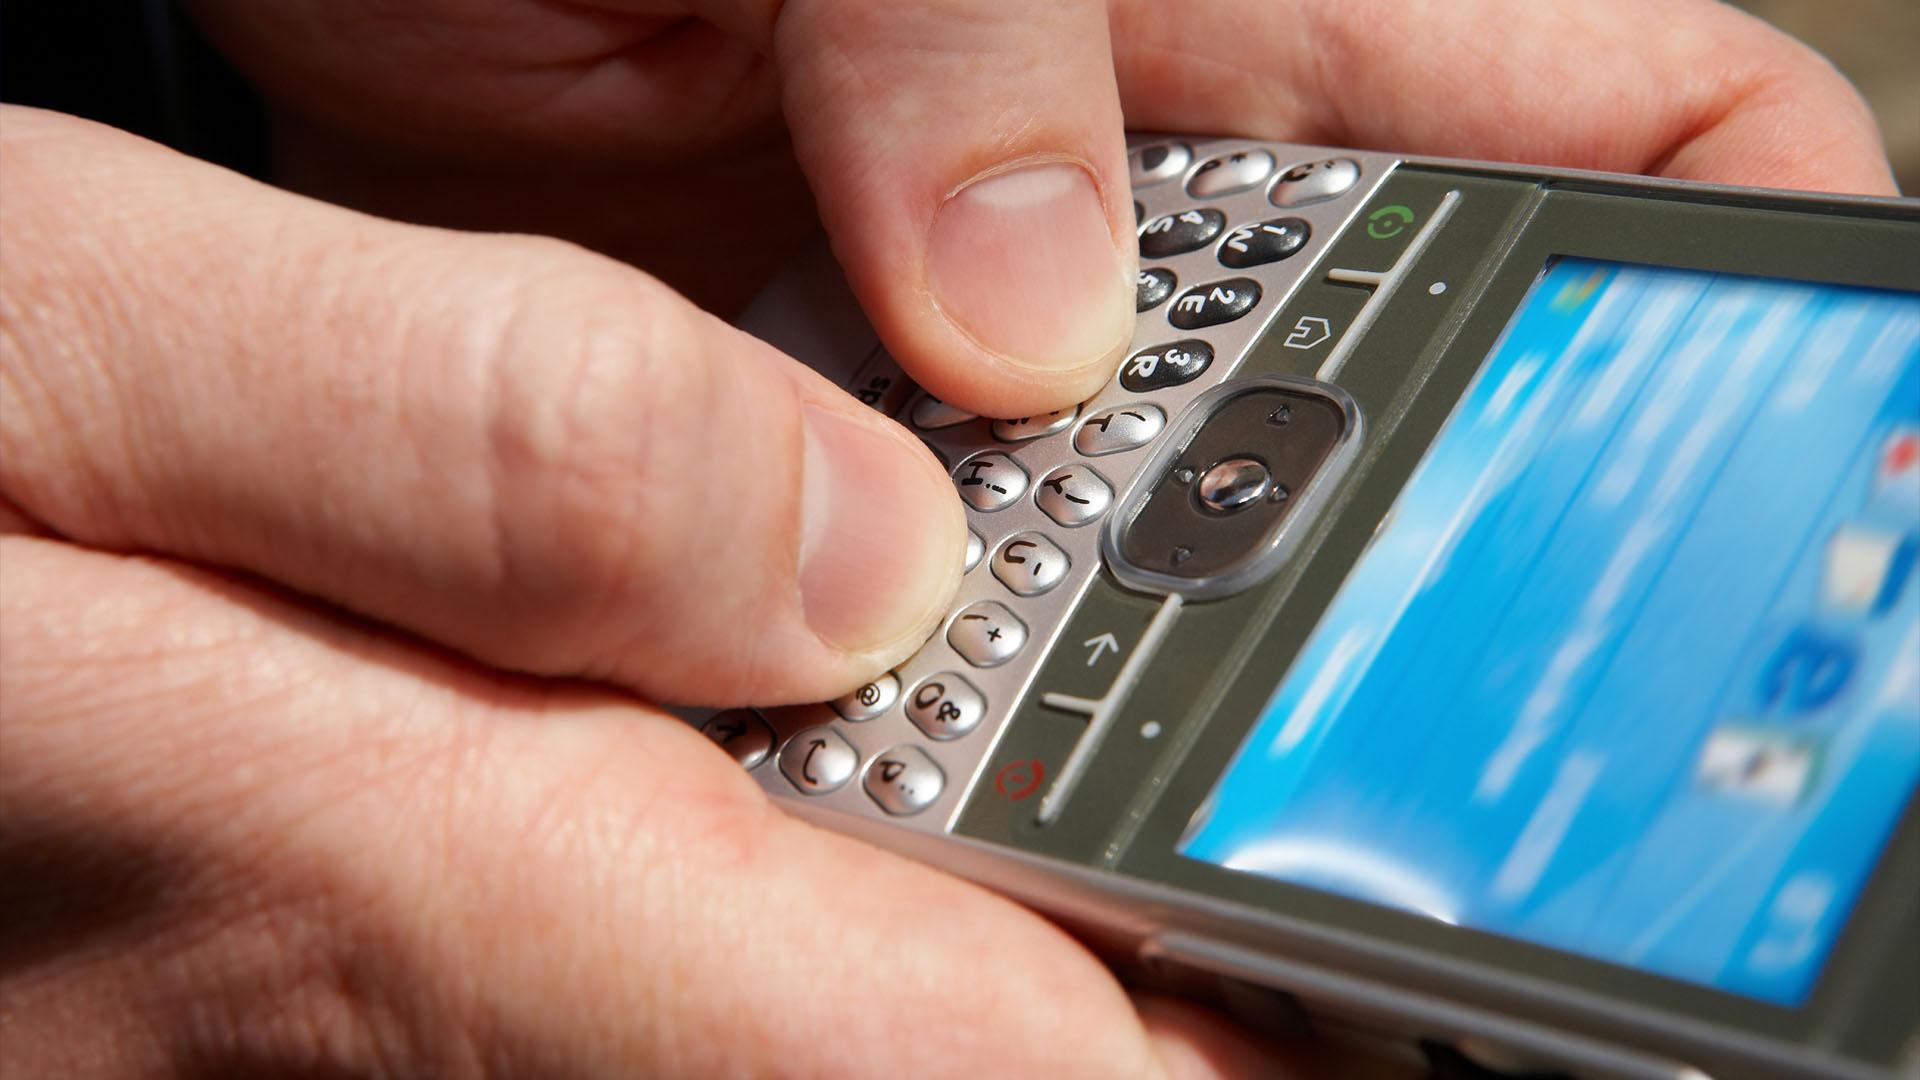 Ψάχνουν και οι άνδρες τα κινητά των γυναικών;  thumbnail